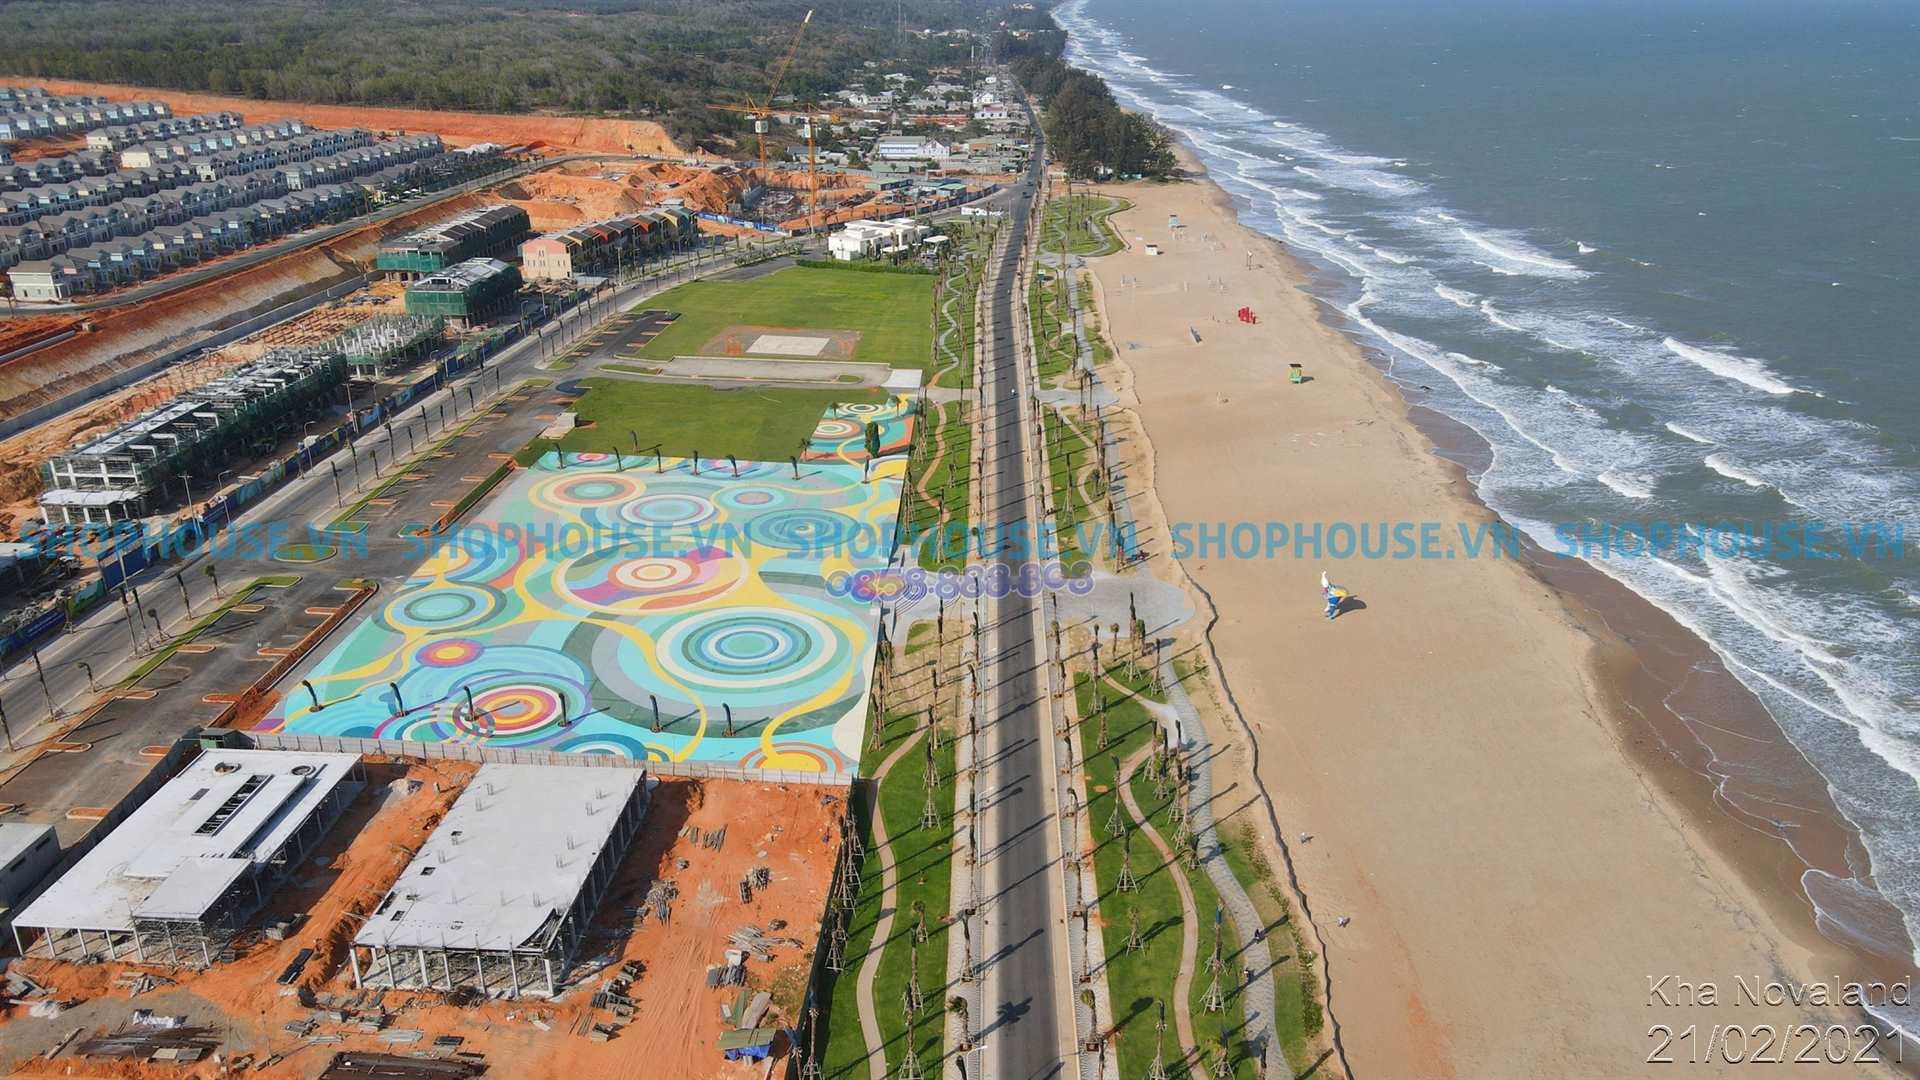 cong-vien-bien-Bikini-Beach-NovaWorld-Phan-Thiet-Binh-Thuan-xay-dung-22022021